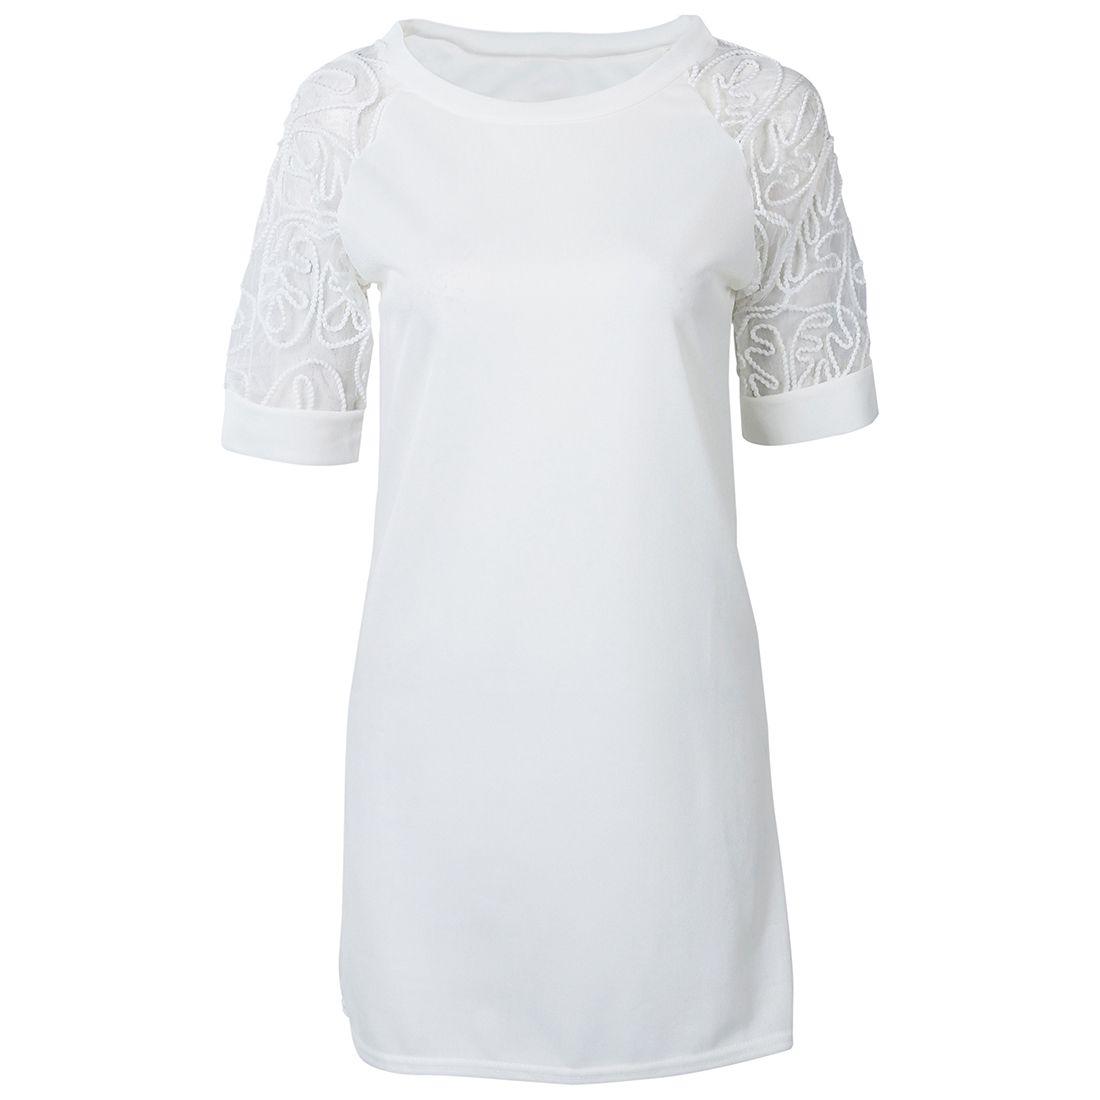 Lace-dress-women-summer-dress-short-sleeve-Dress-Light-green-S-X9M2